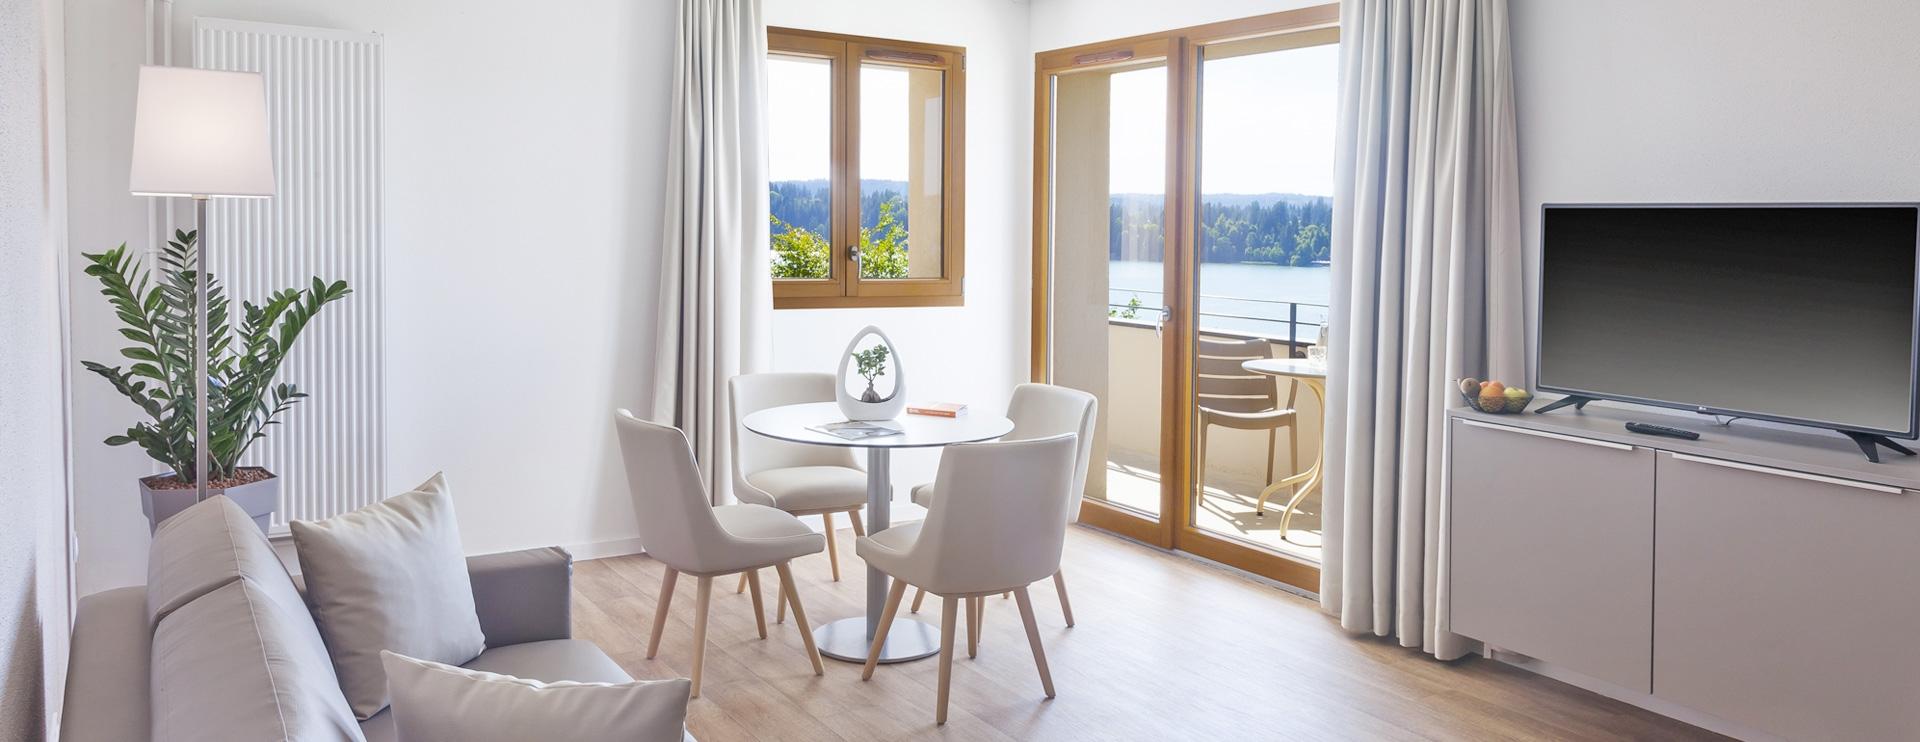 Suite appartement hôtel spa Franche-Comté Les Rives Sauvages